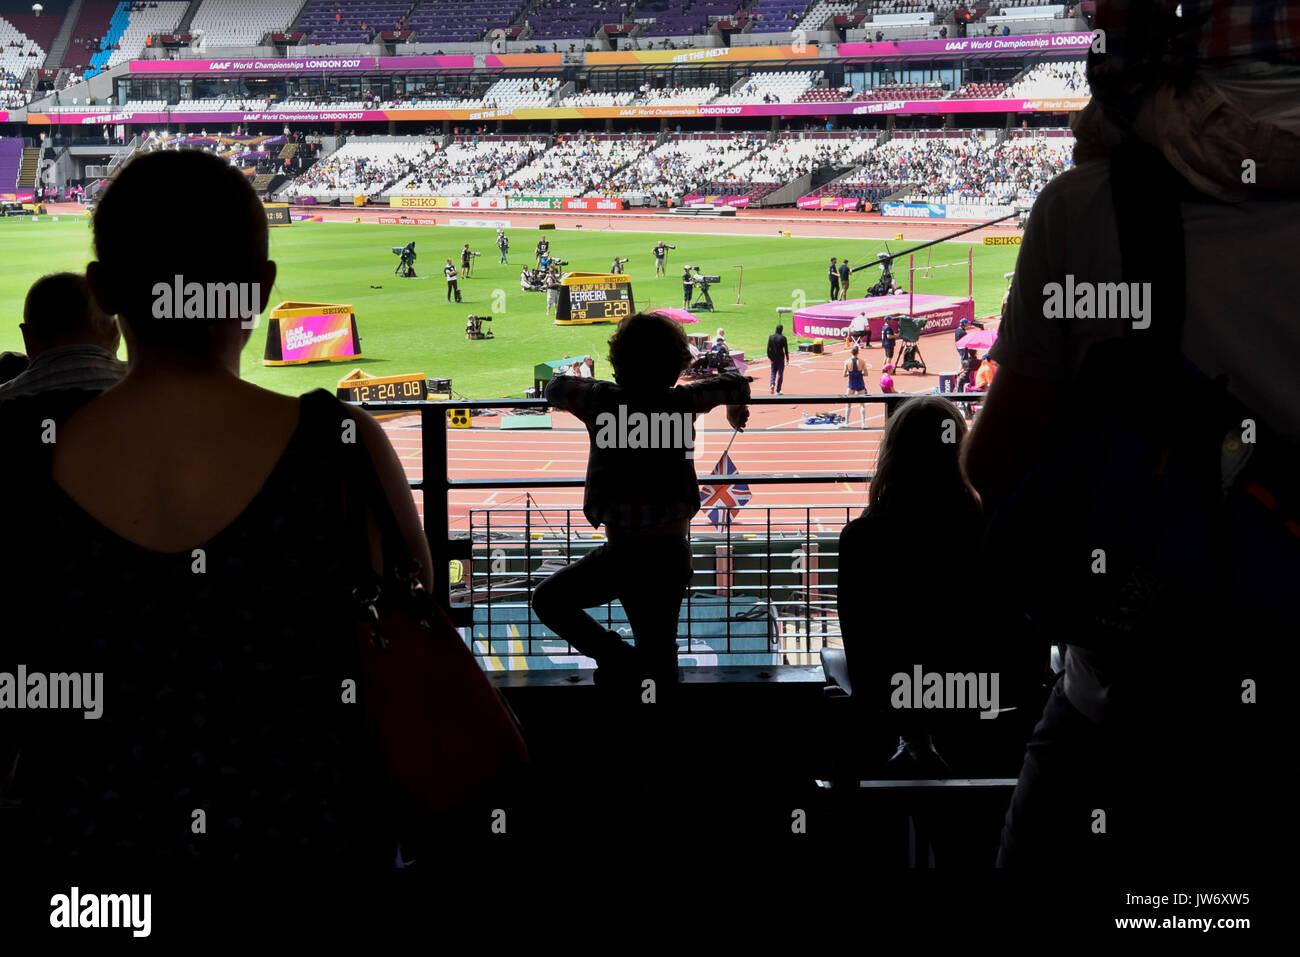 Londra, Regno Unito. 11 agosto 2017. Un giovane ventola è visto in silhouette guardando il salto in alto Qualification Immagini Stock